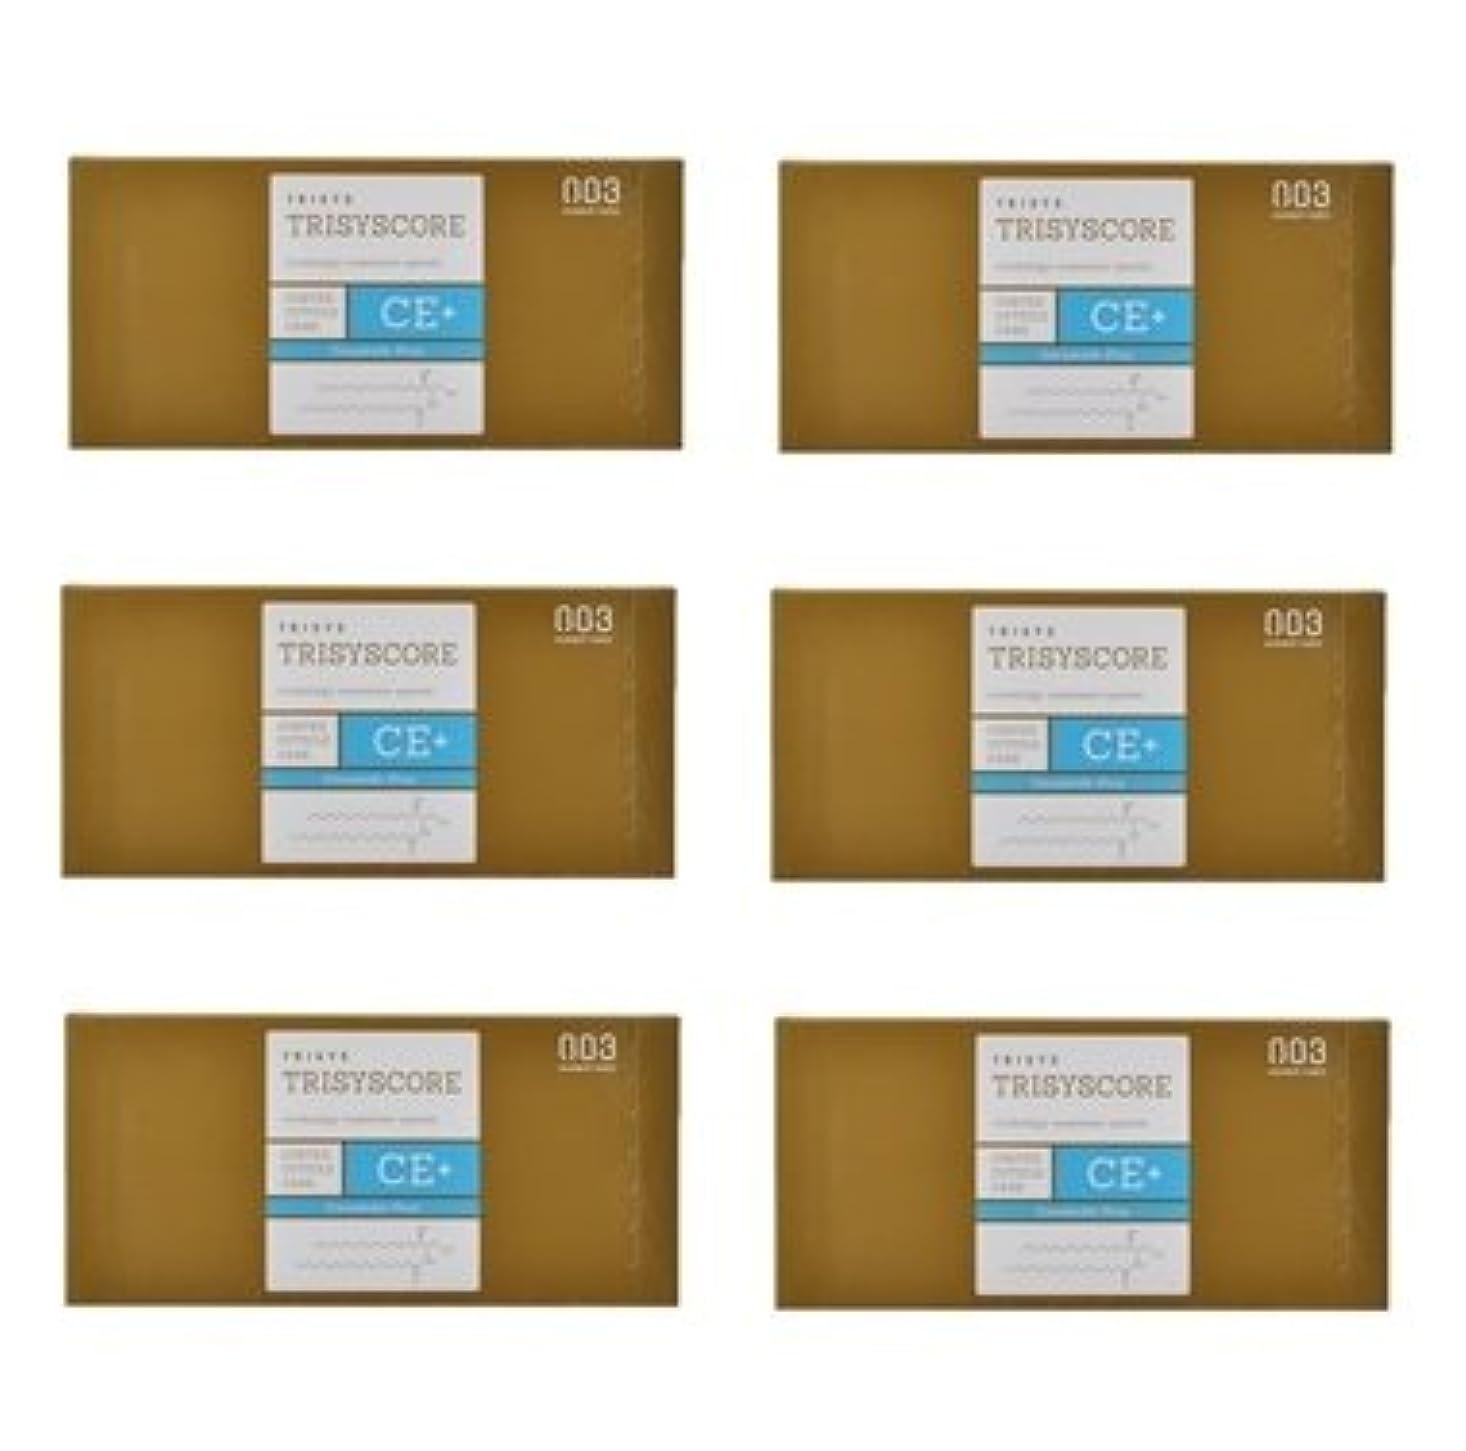 赤道症状原始的な【X6個セット】ナンバースリー トリシスコア CEプラス (ヘアトリートメント) 12g × 4包入り